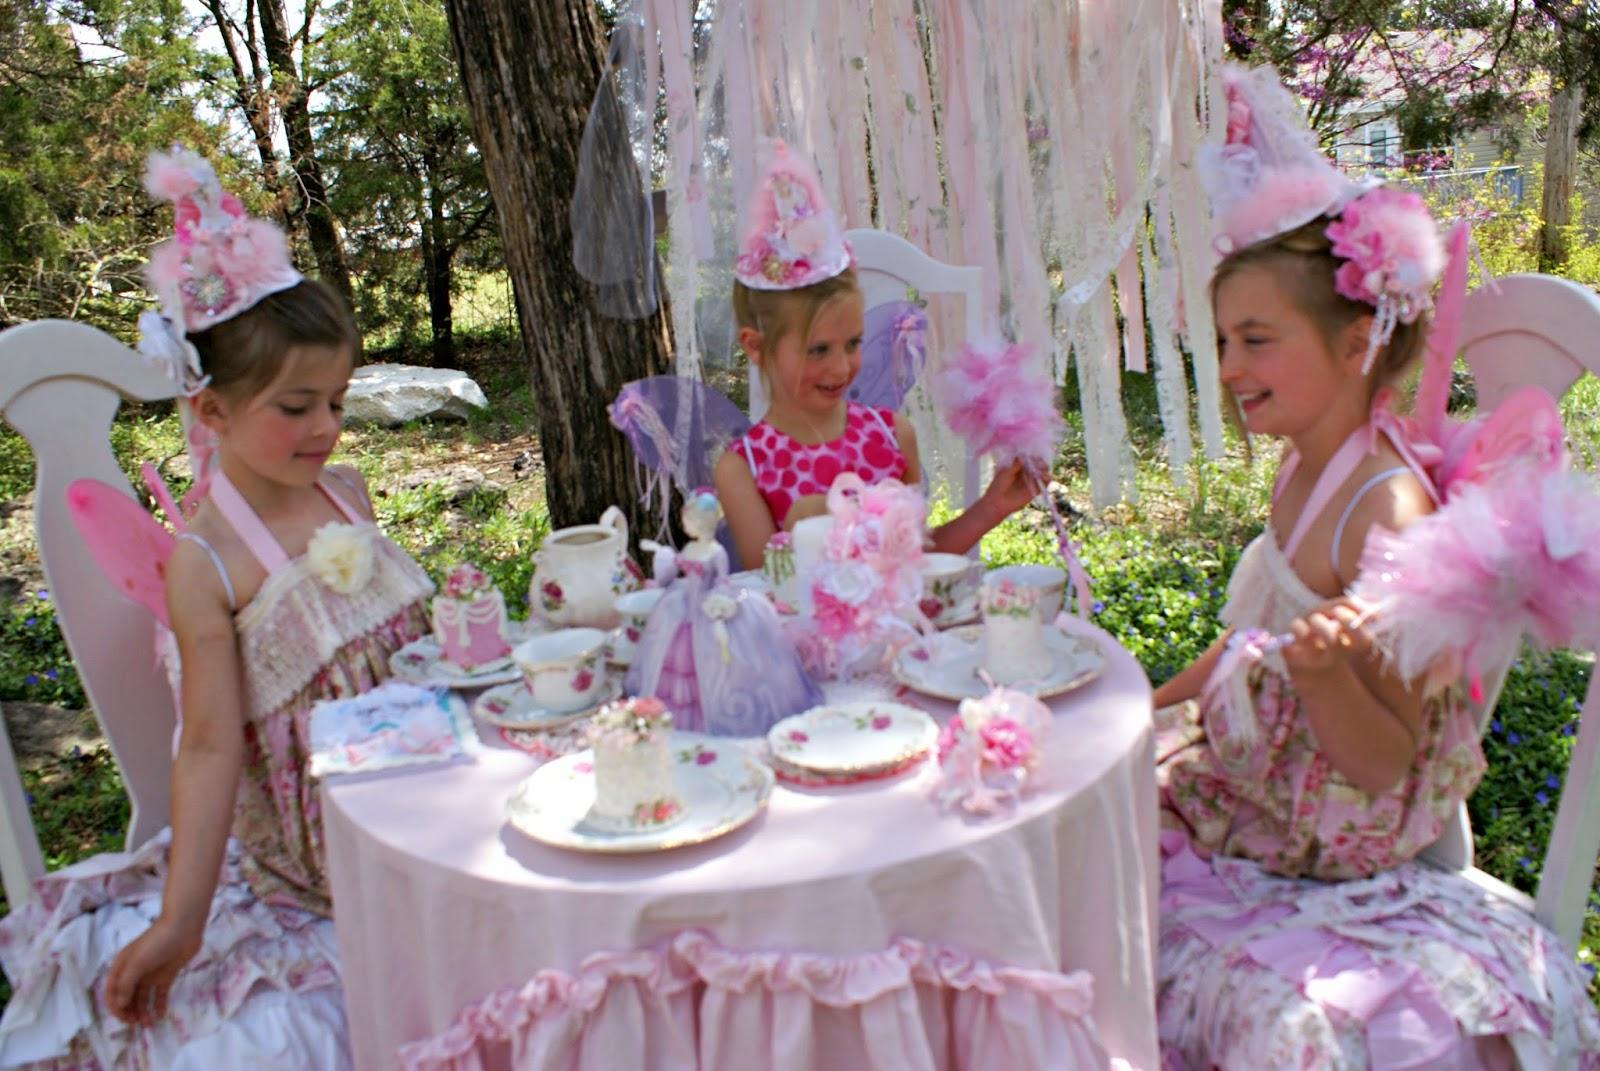 Olivia's Romantic Home: Fairy Princess Garden Tea Party